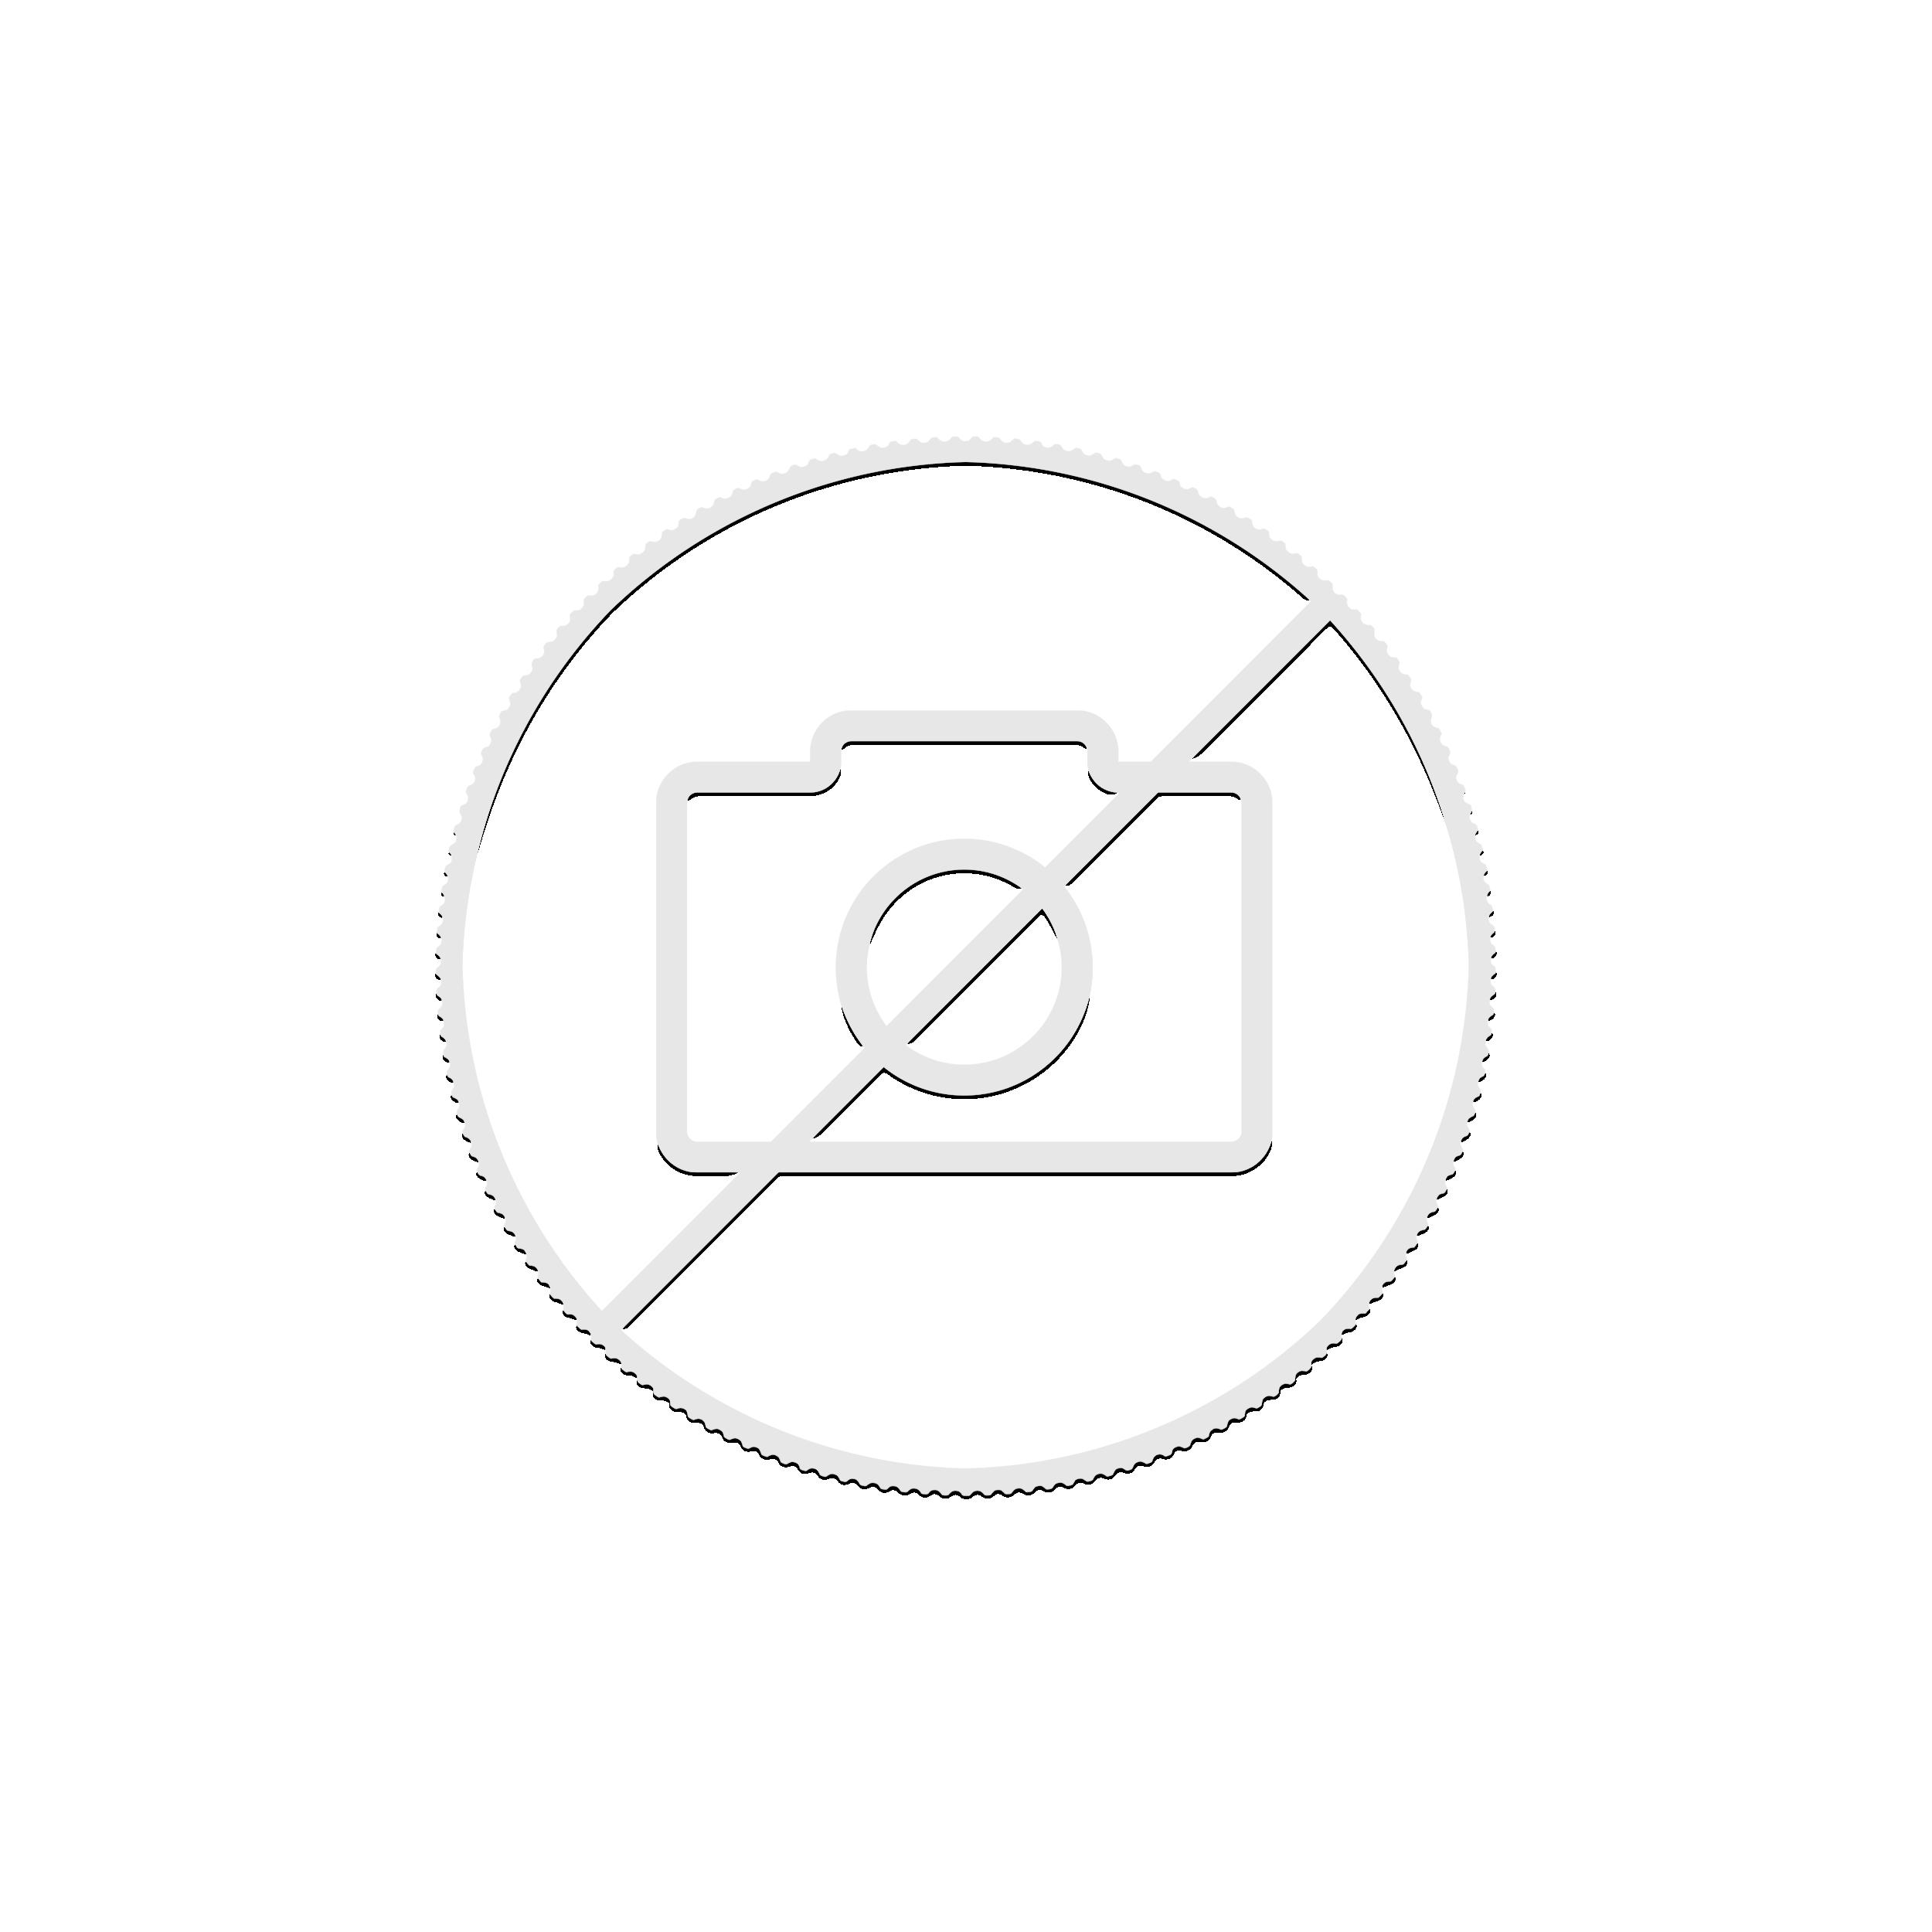 2 troy ounce zilveren munt zwarte panter 2020 - voorkant